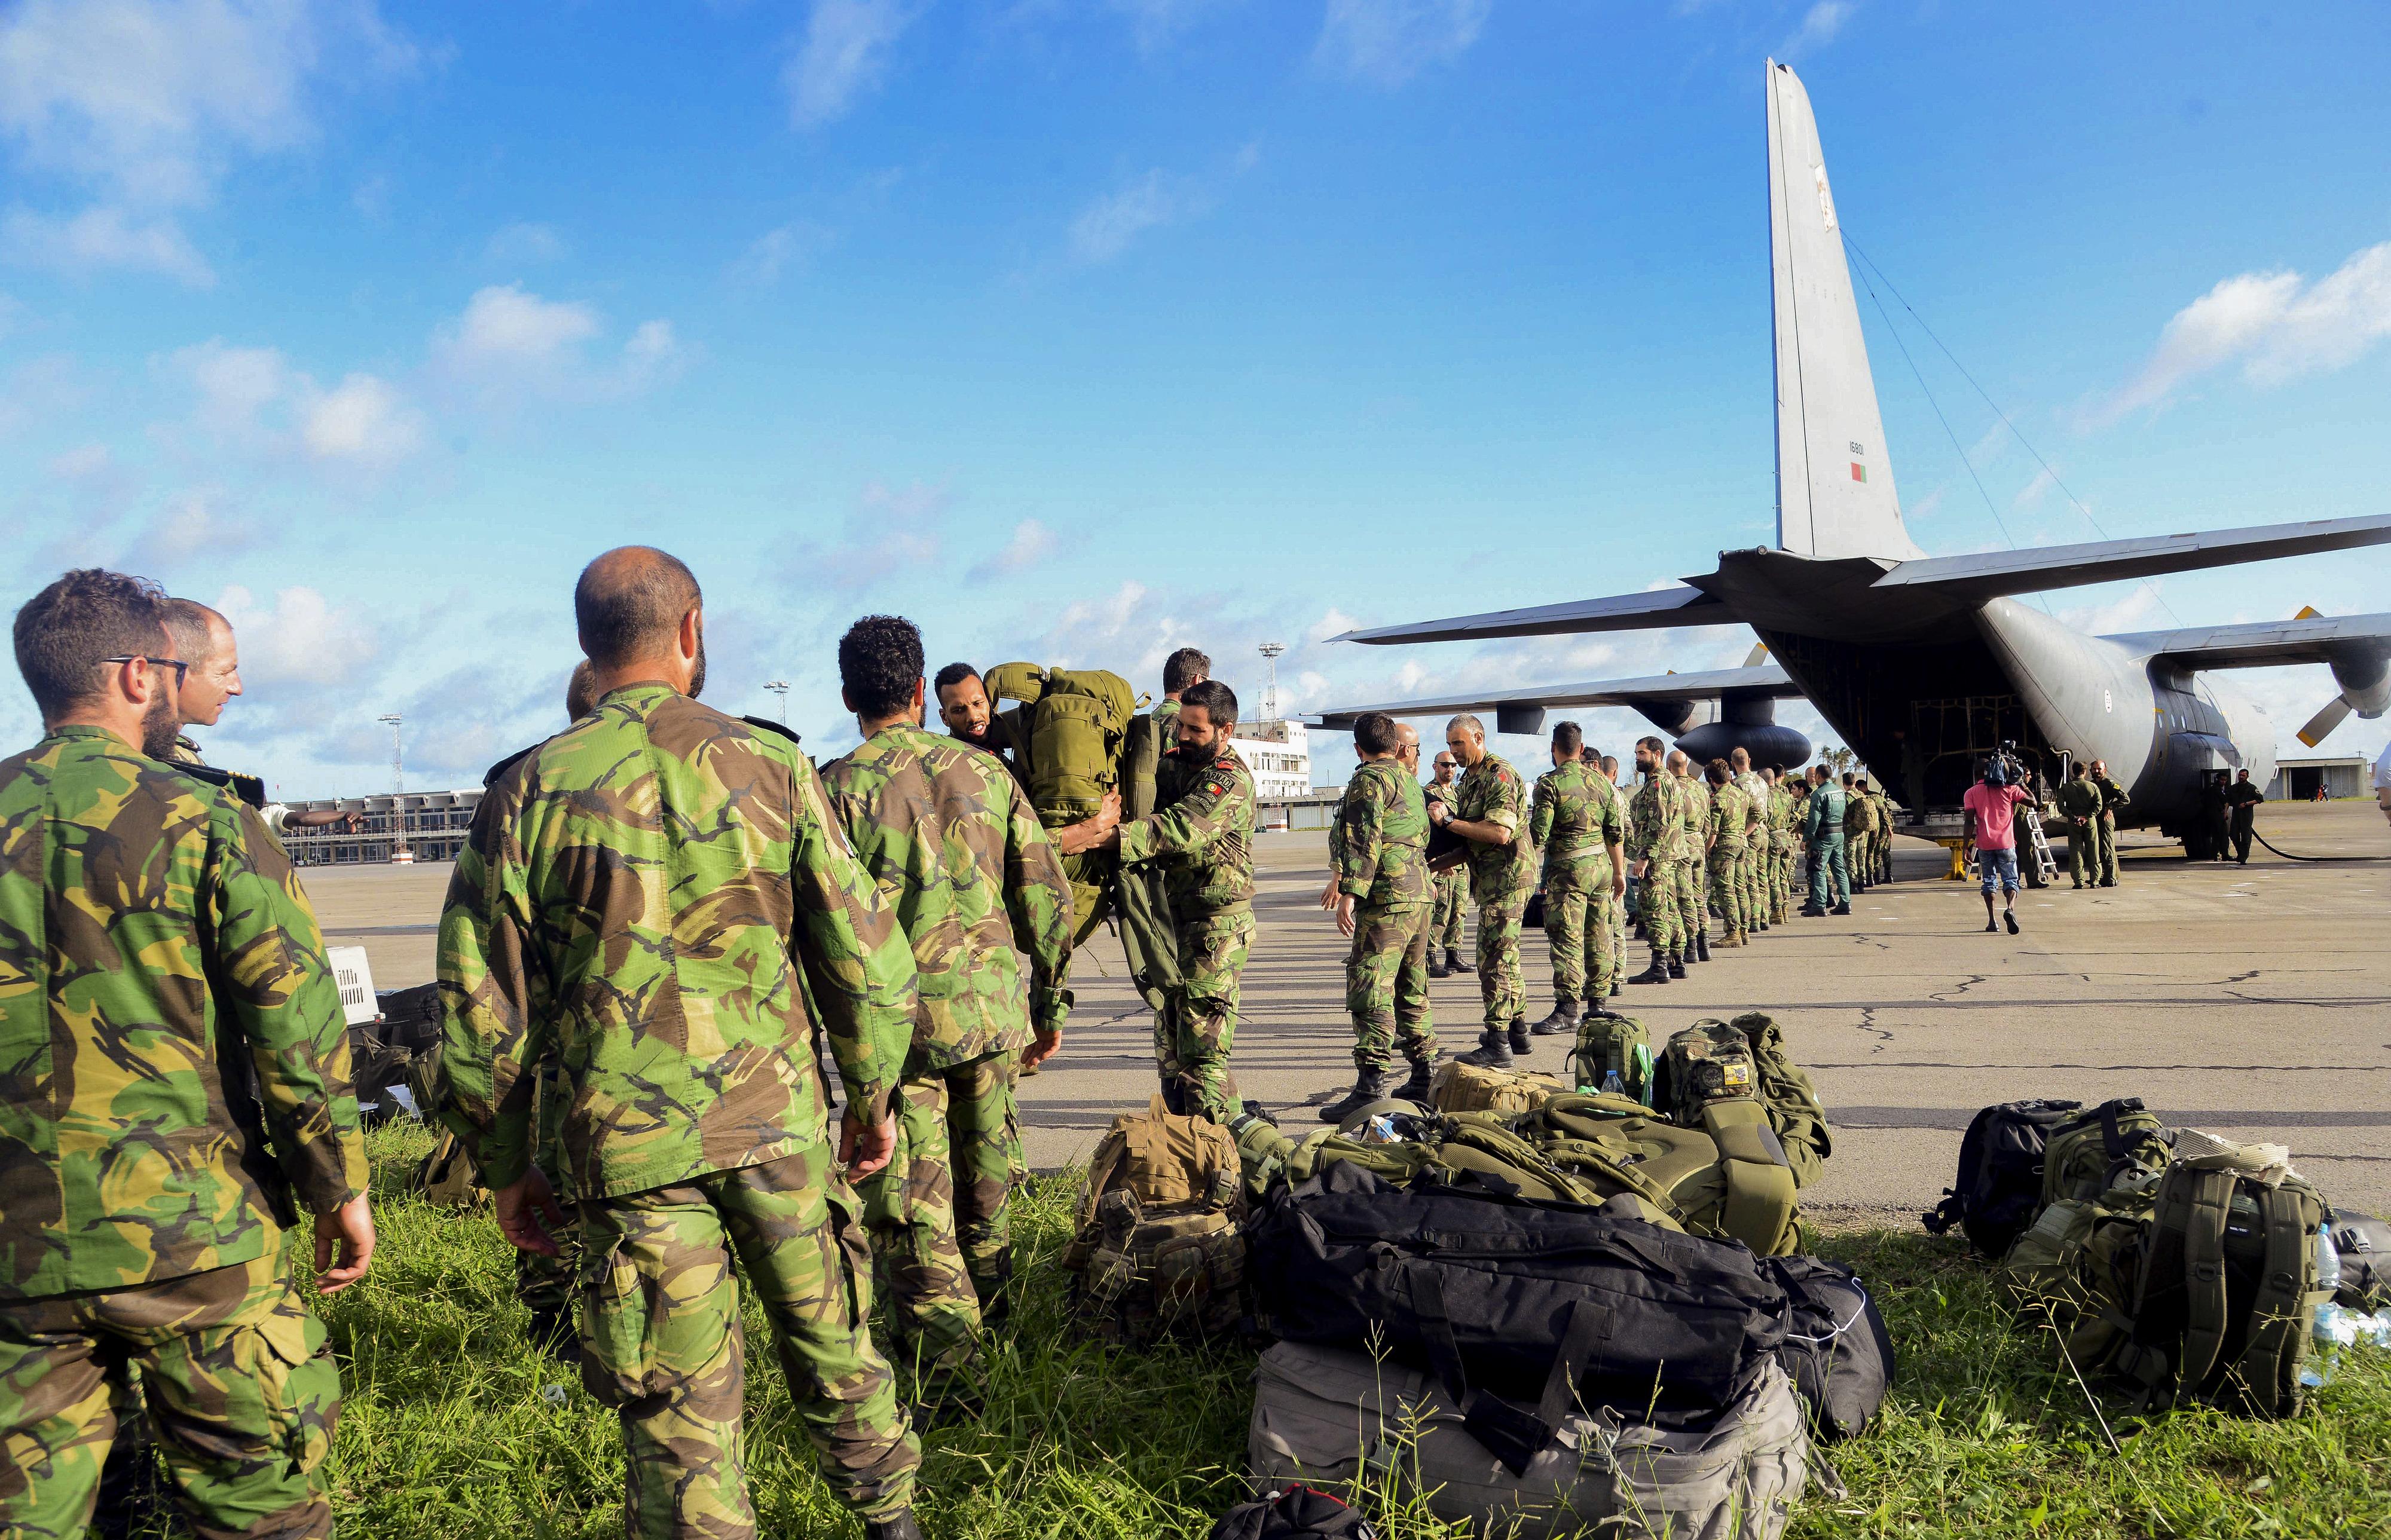 Militares portugueses prontos para operações de salvamento na Beira, em Moçambique